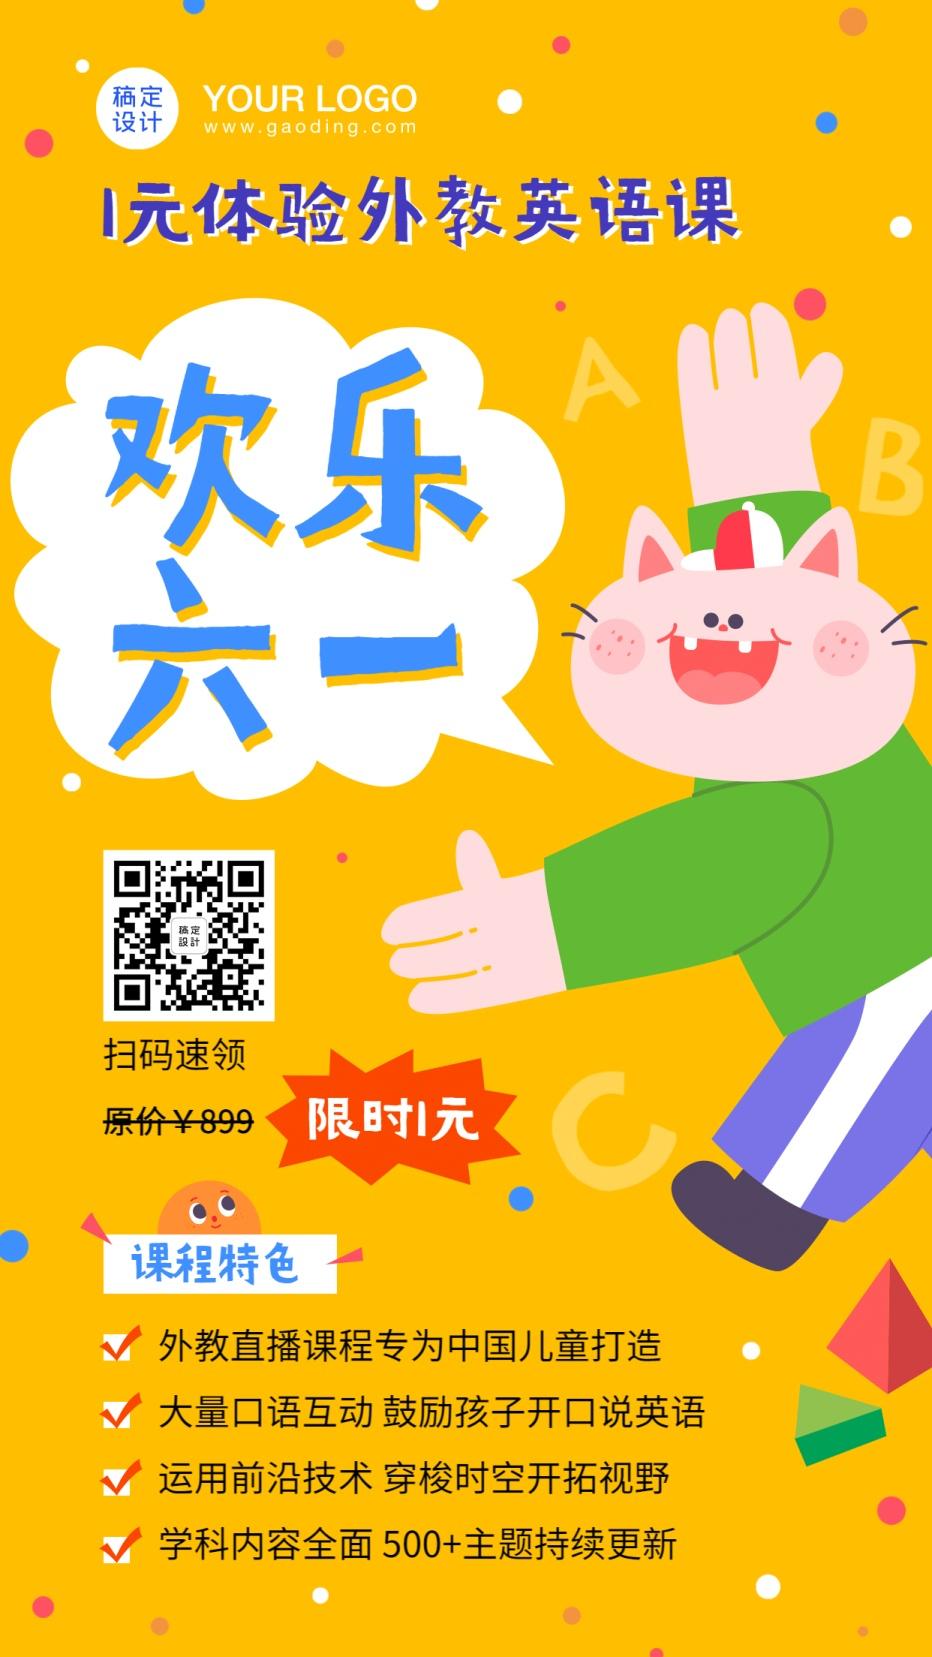 六一儿童节英语体验课手机海报